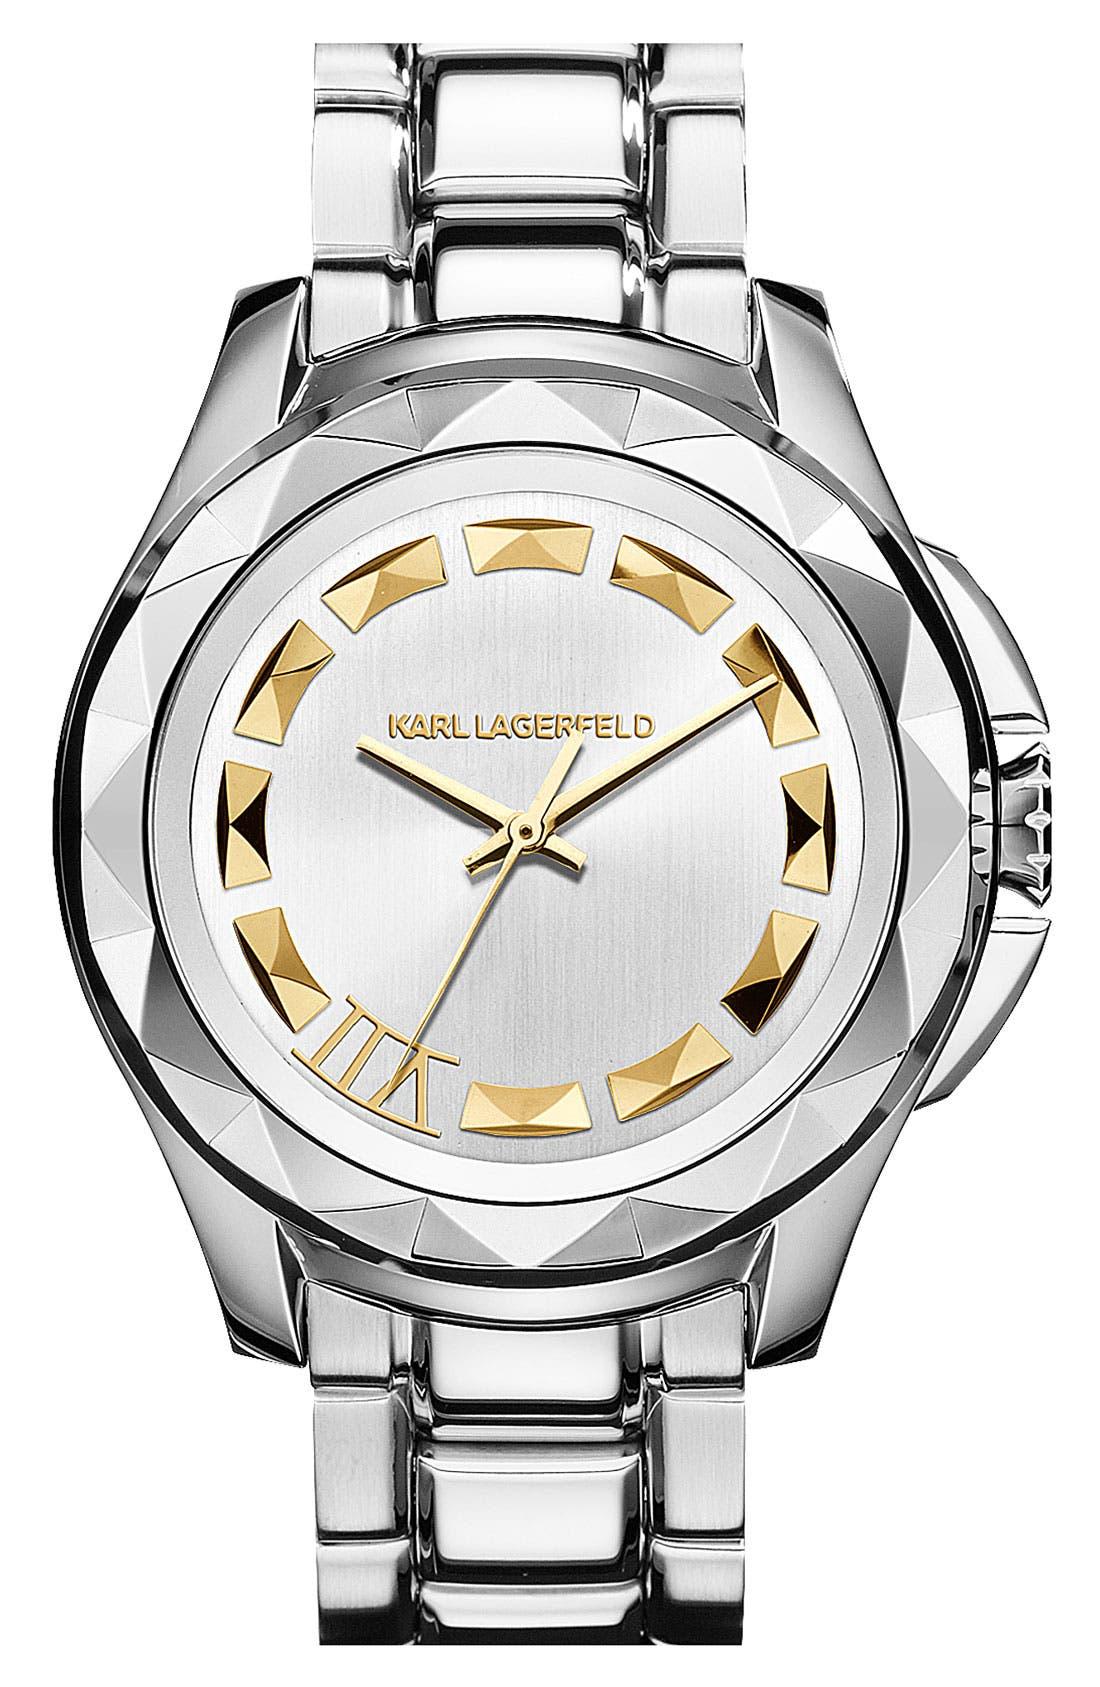 Main Image - KARL LAGERFELD '7' Faceted Bezel Bracelet Watch, 44mm x 53mm